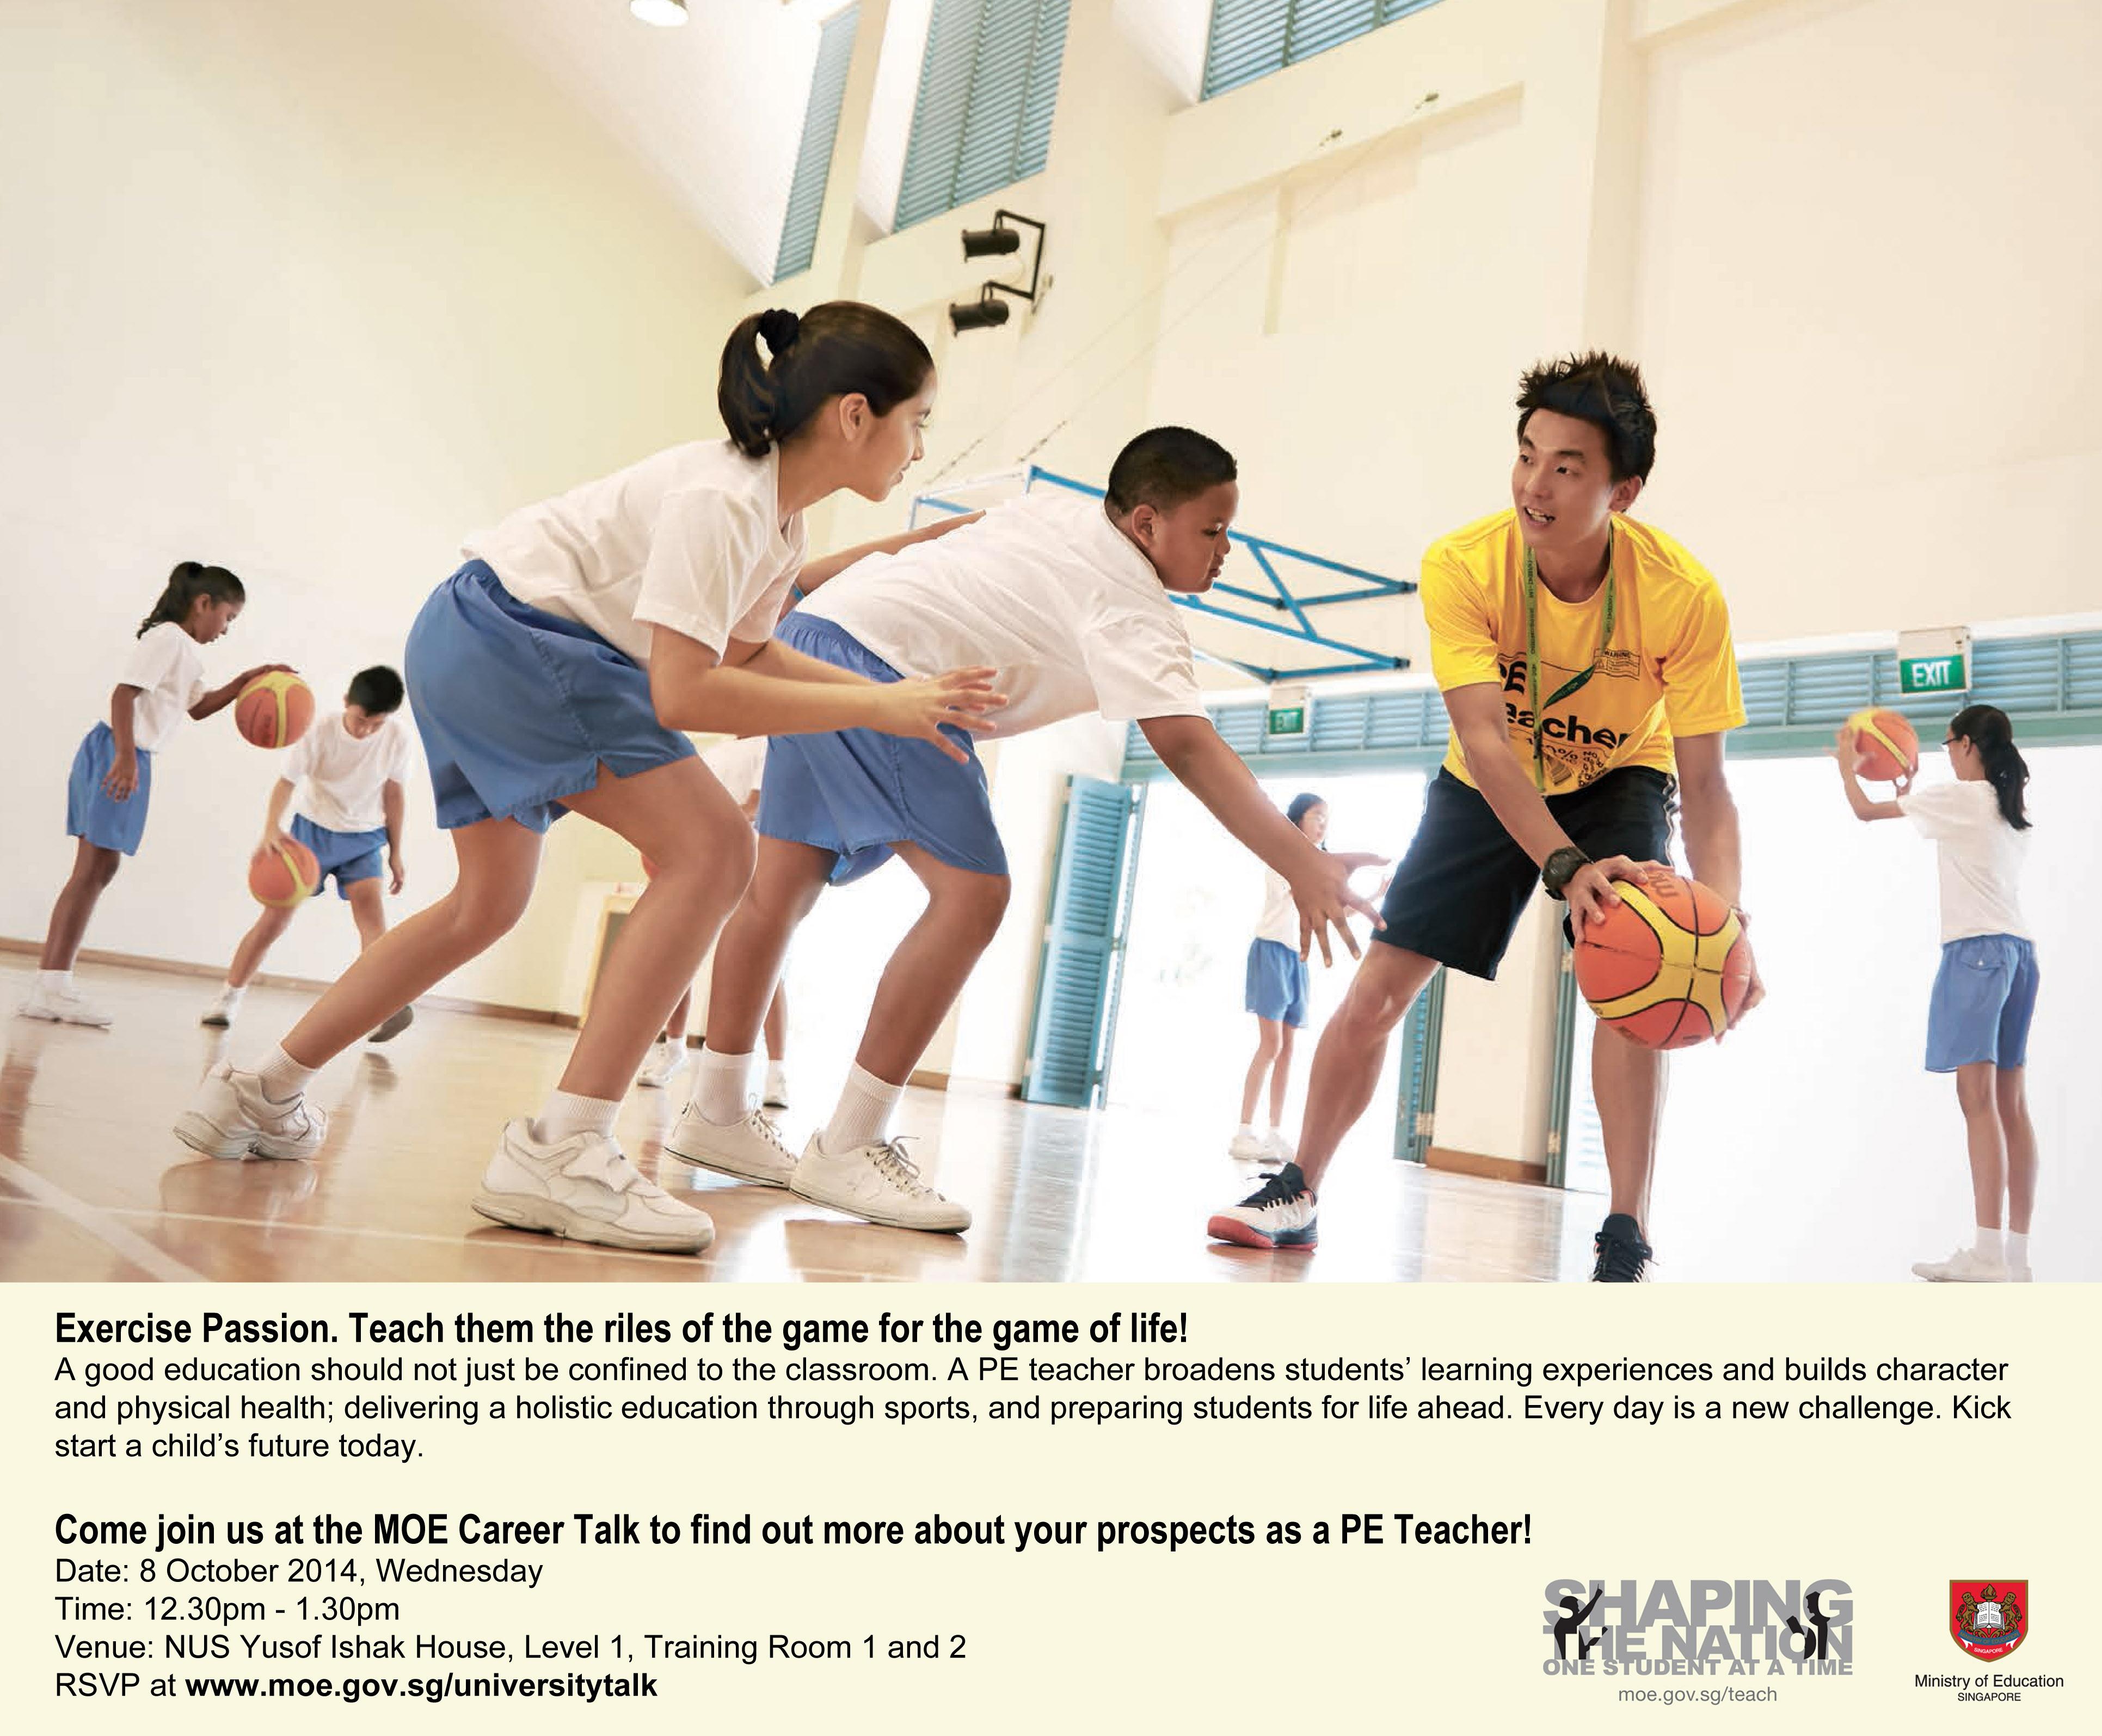 MOE0045_PE Teacher_327x270_HP_26Apr